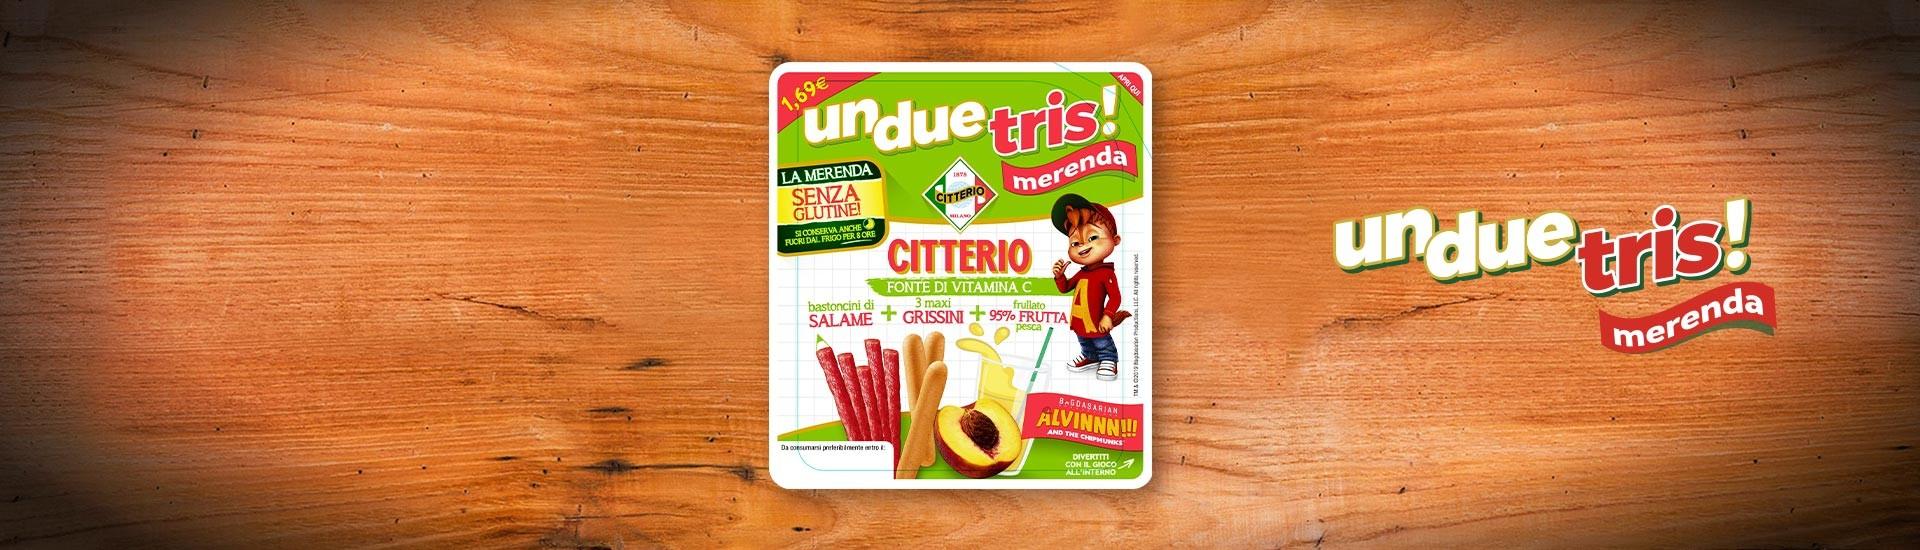 citterio-cover-unduetris-prodotto-senzaglutine.jpg